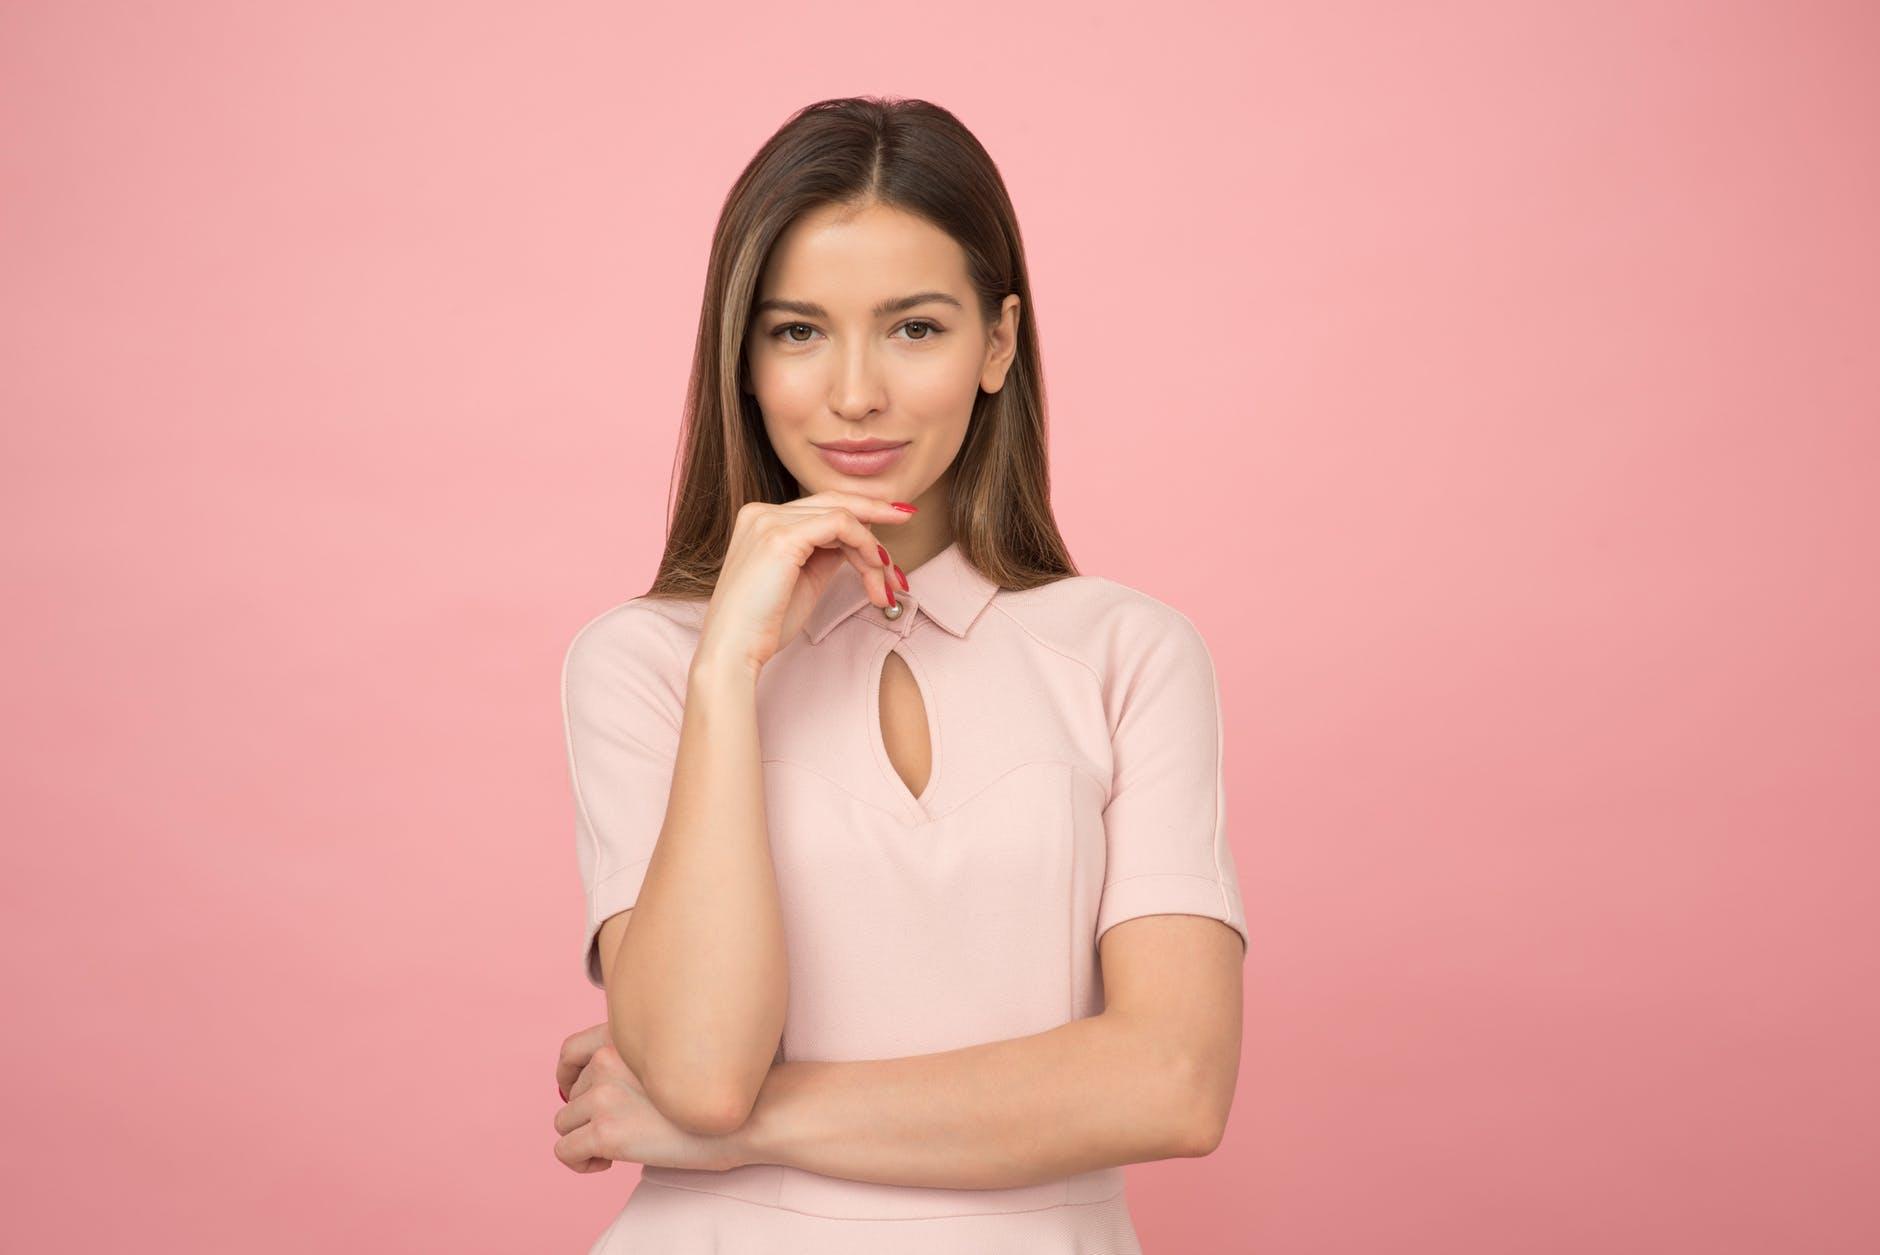 Farklı Bir Doğum Kontrol Yöntemi: Kontrasepsiyon Takı Nedir?